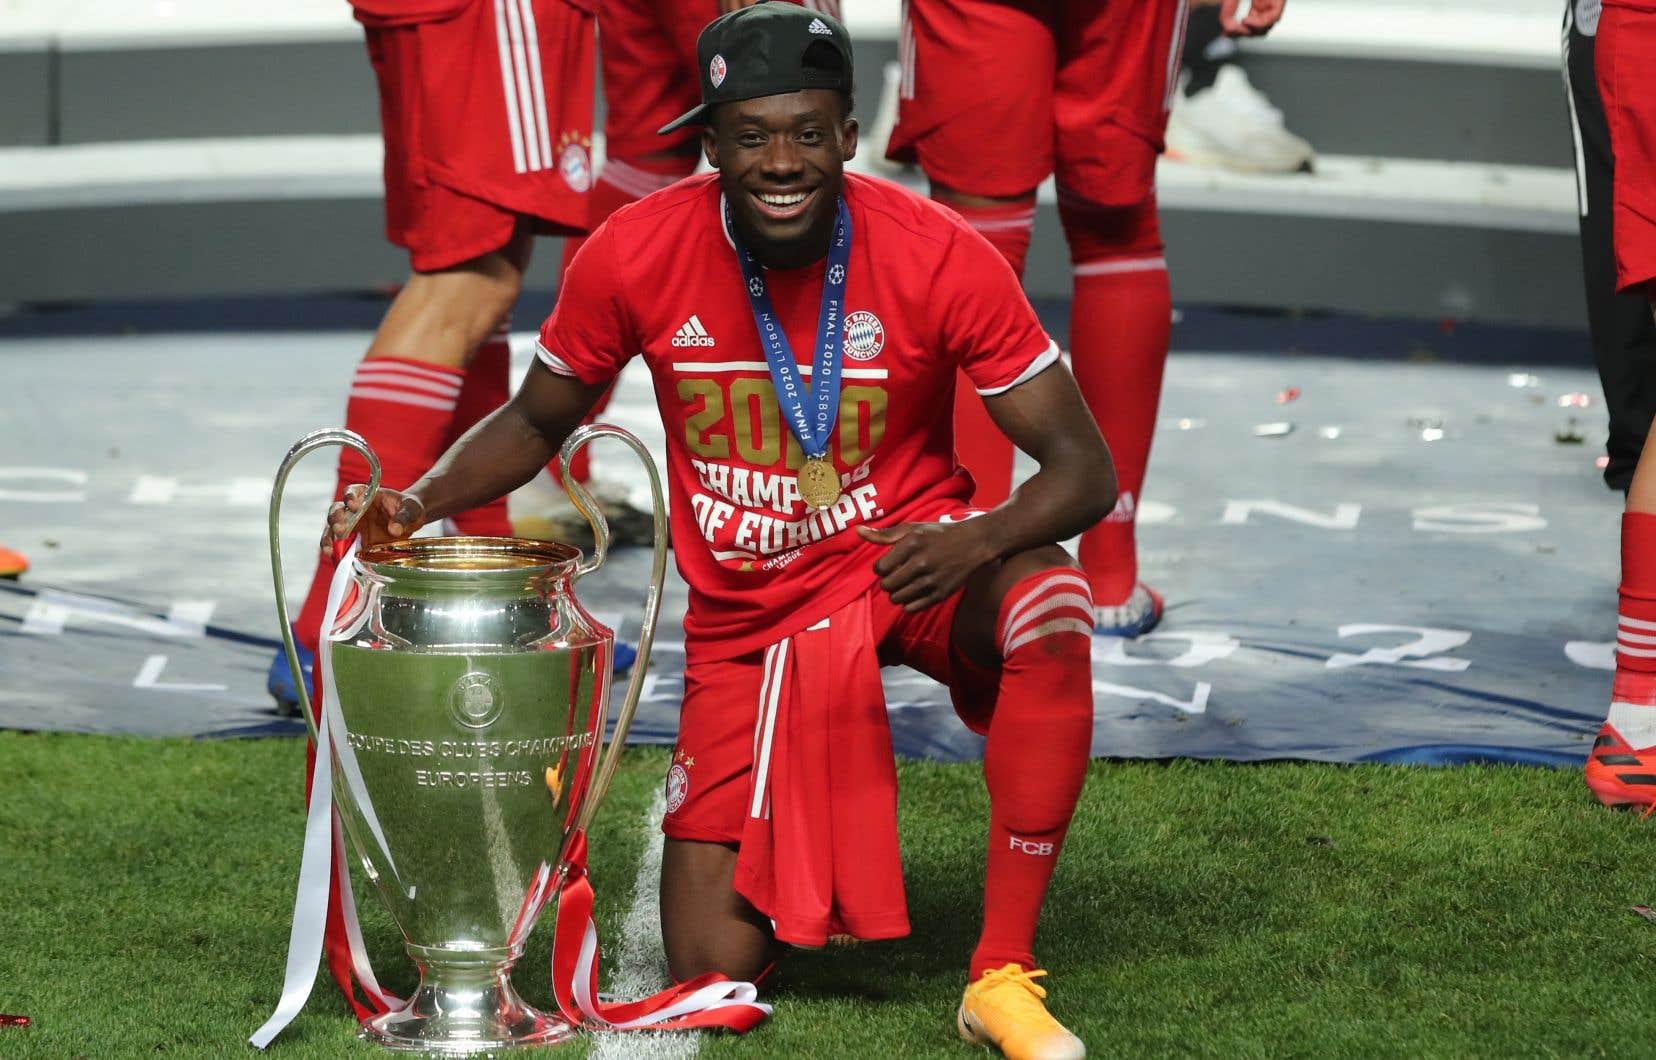 Cette victoire a couronné une saison remarquable pour Davies, qui a été nommé meilleure recrue de la Bundesliga.